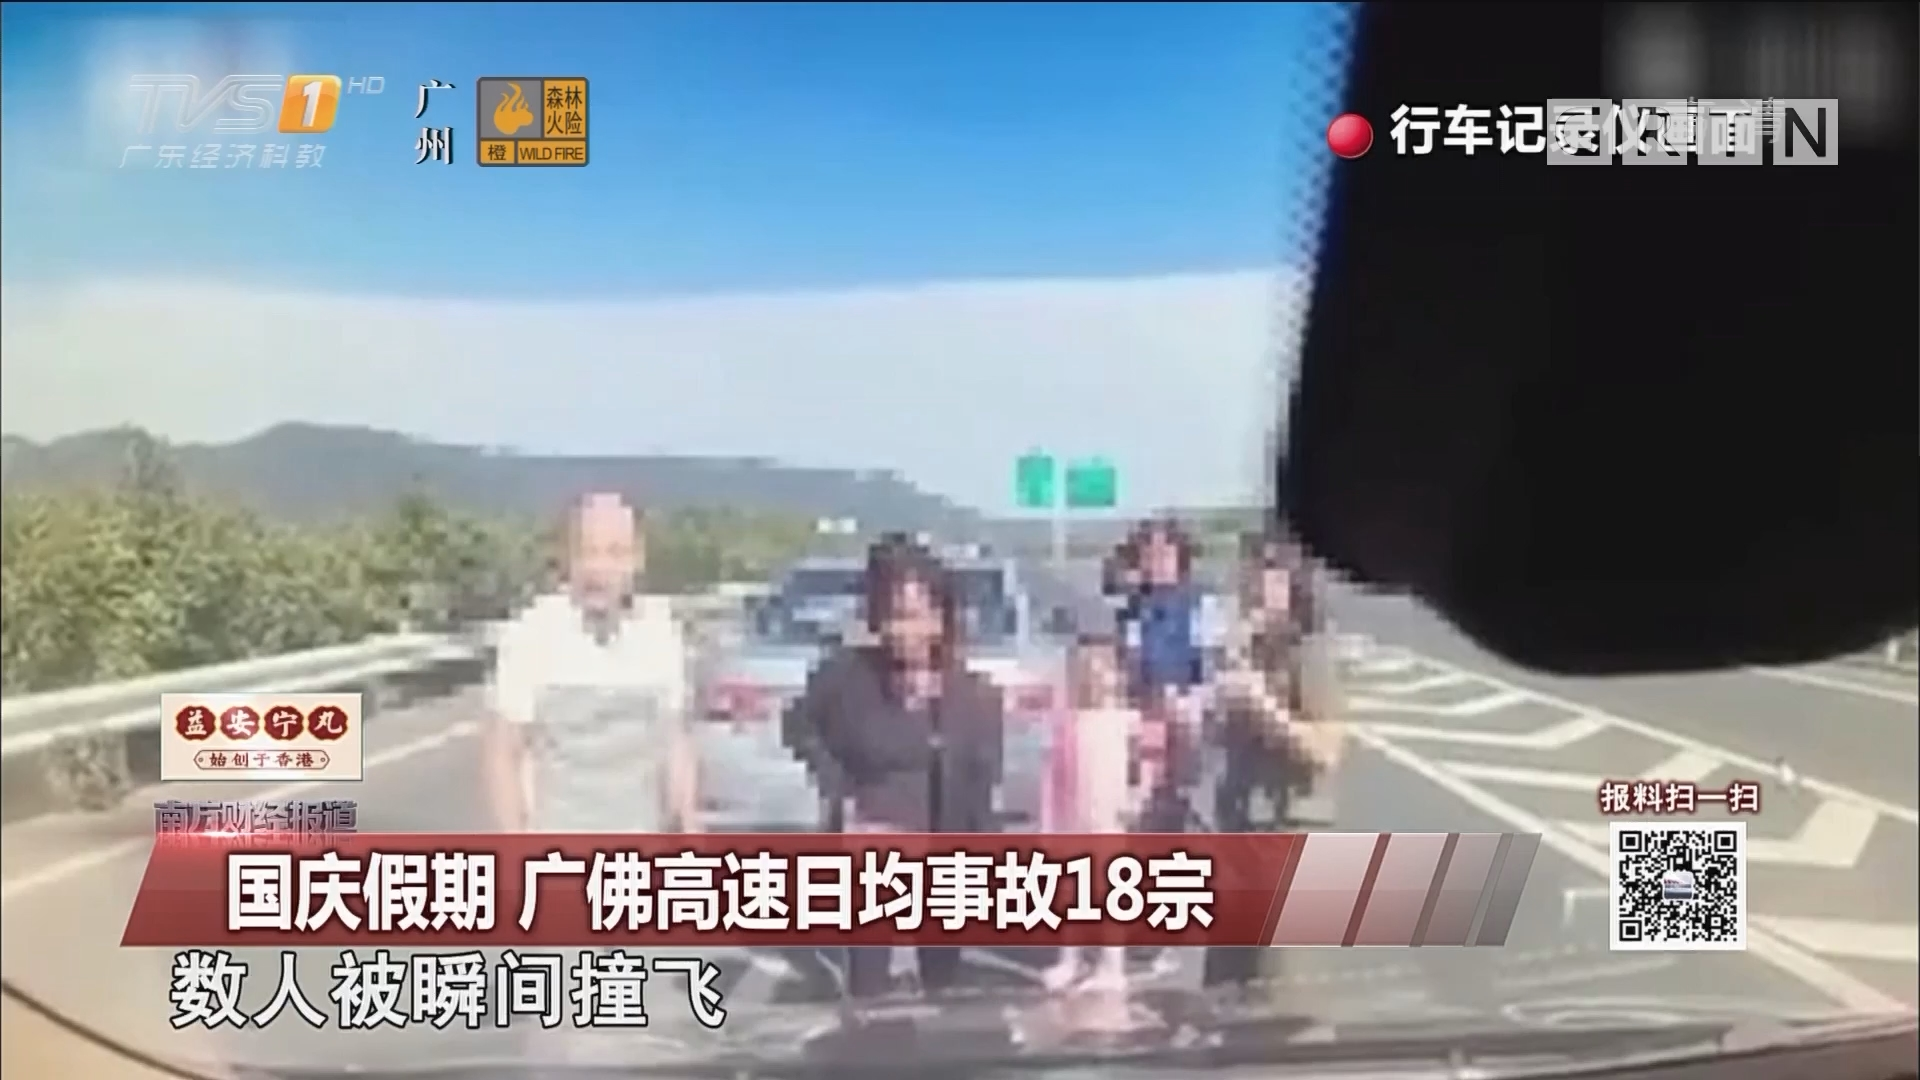 国庆假期 广佛高速日均事故18宗